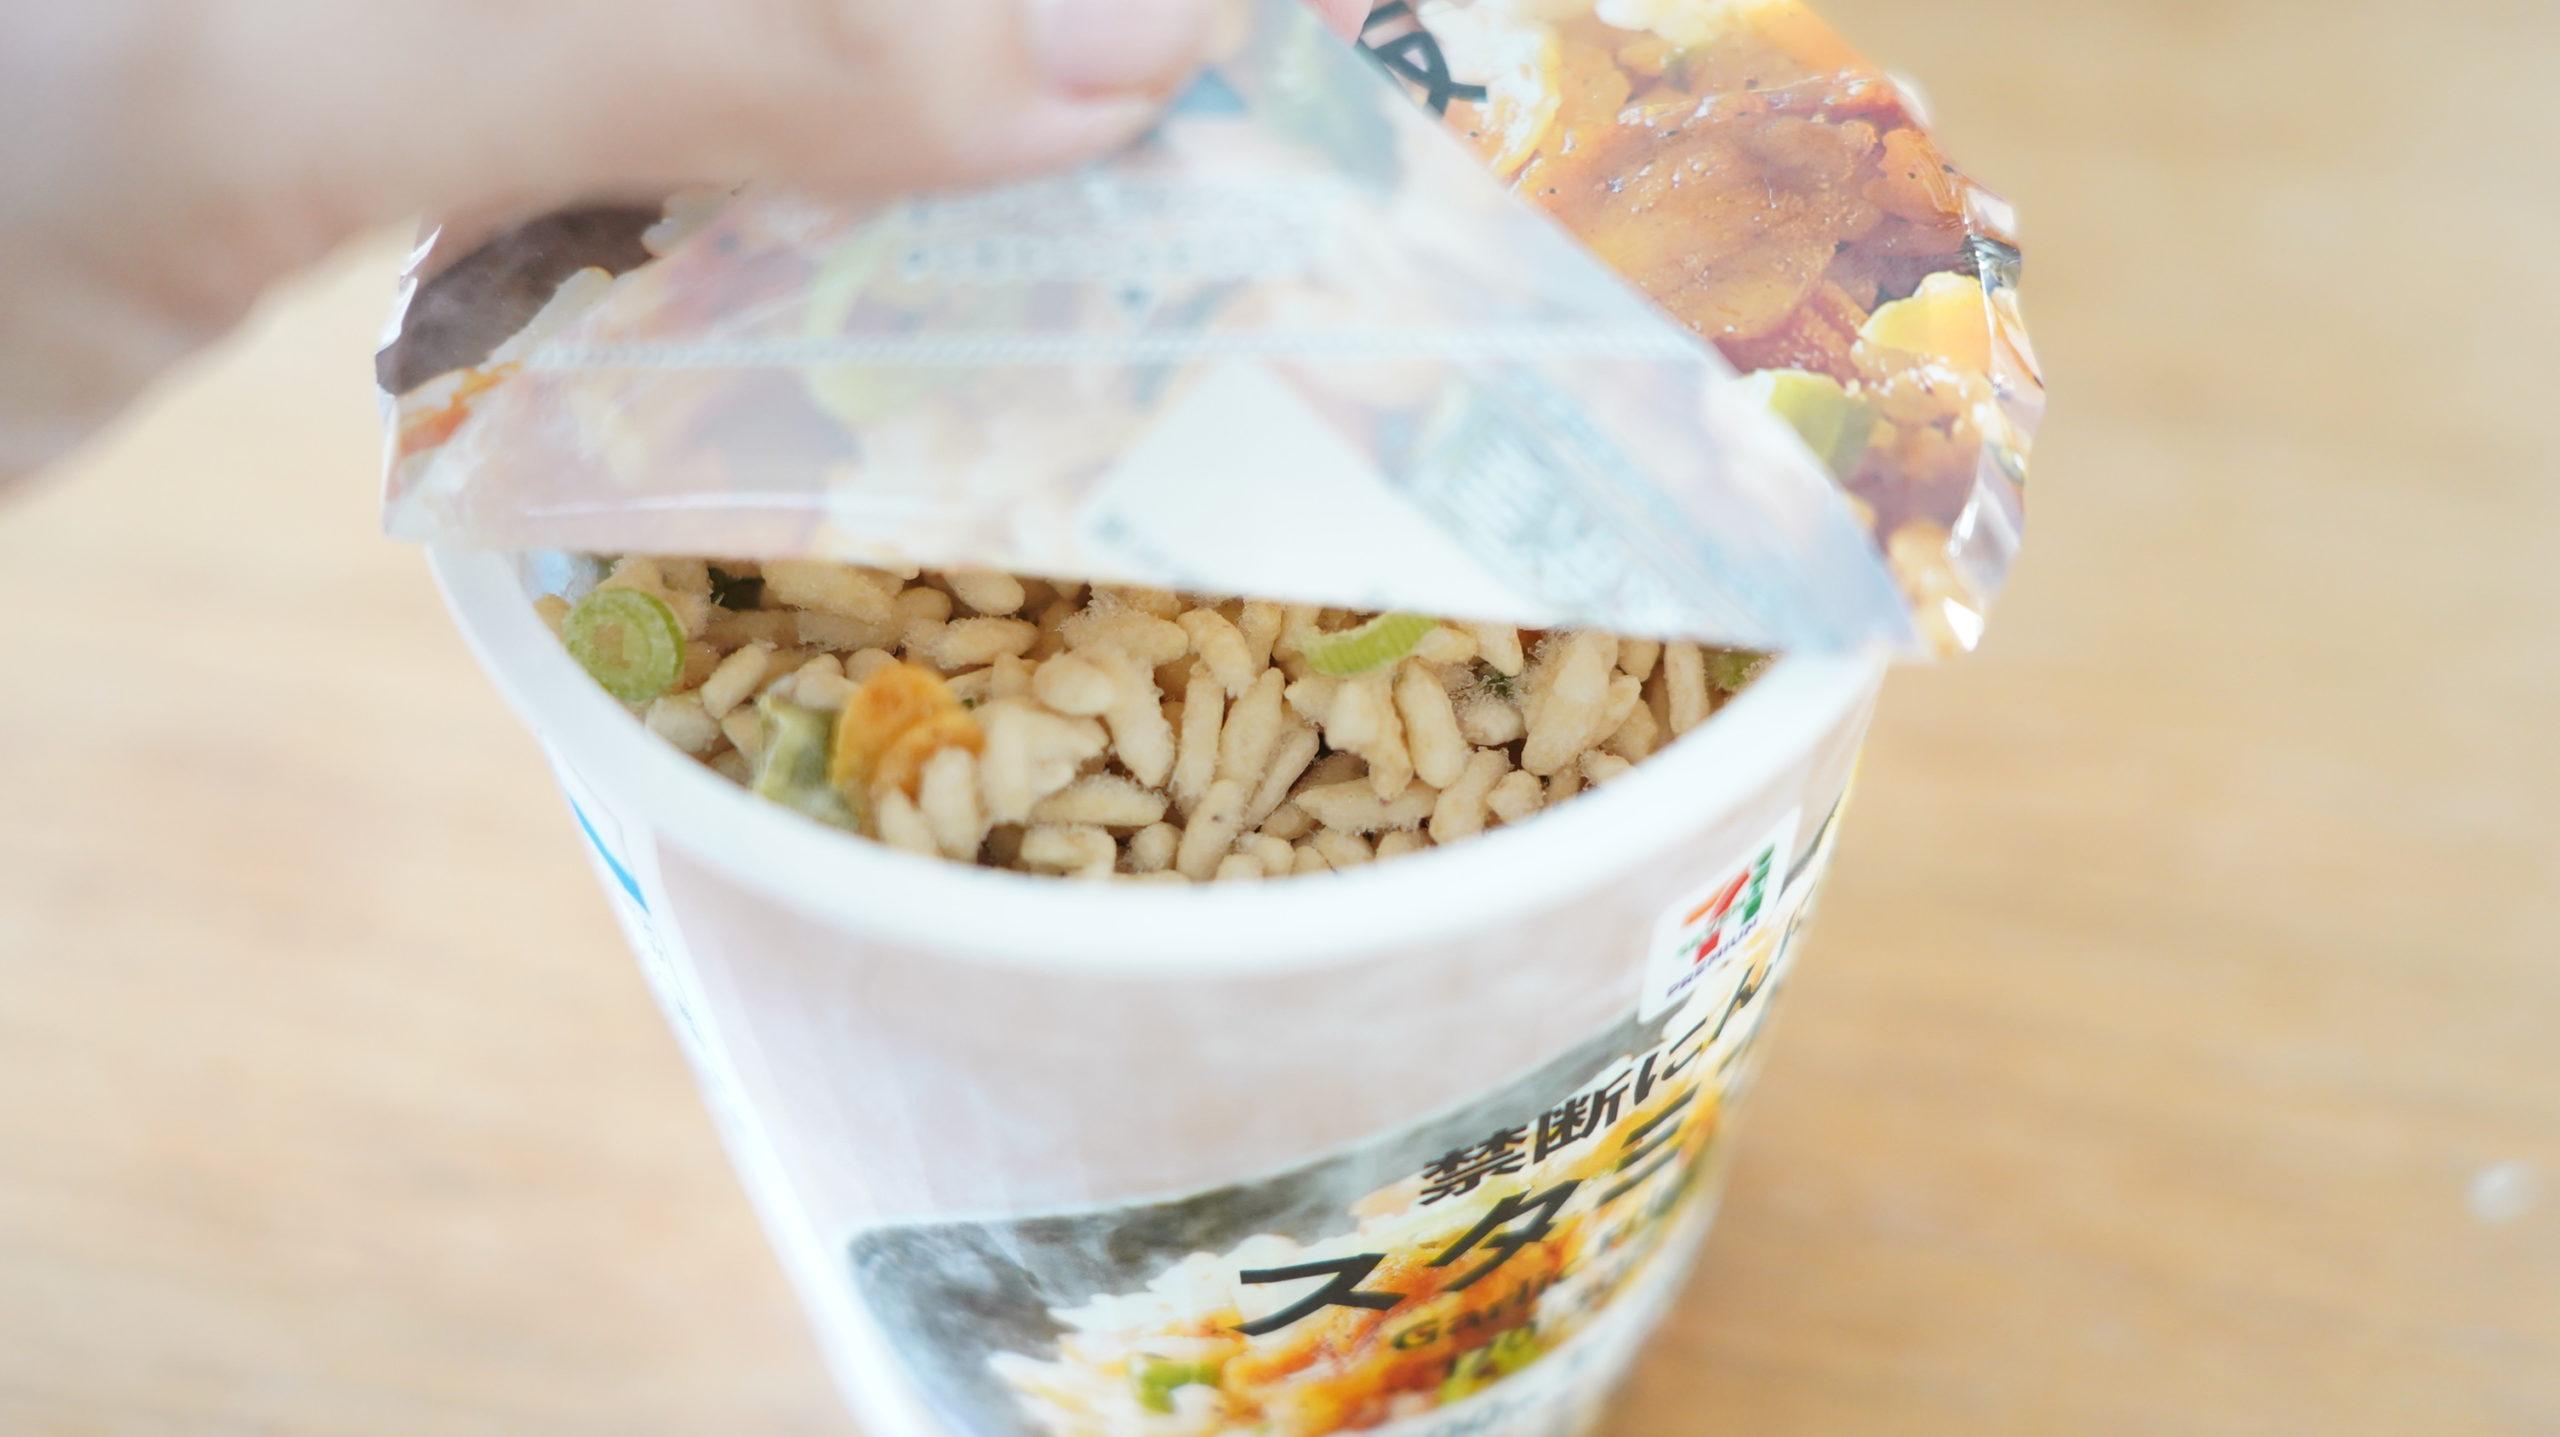 セブンイレブンの冷凍食品「禁断にんにくスタミナ飯」のフタを開けている写真